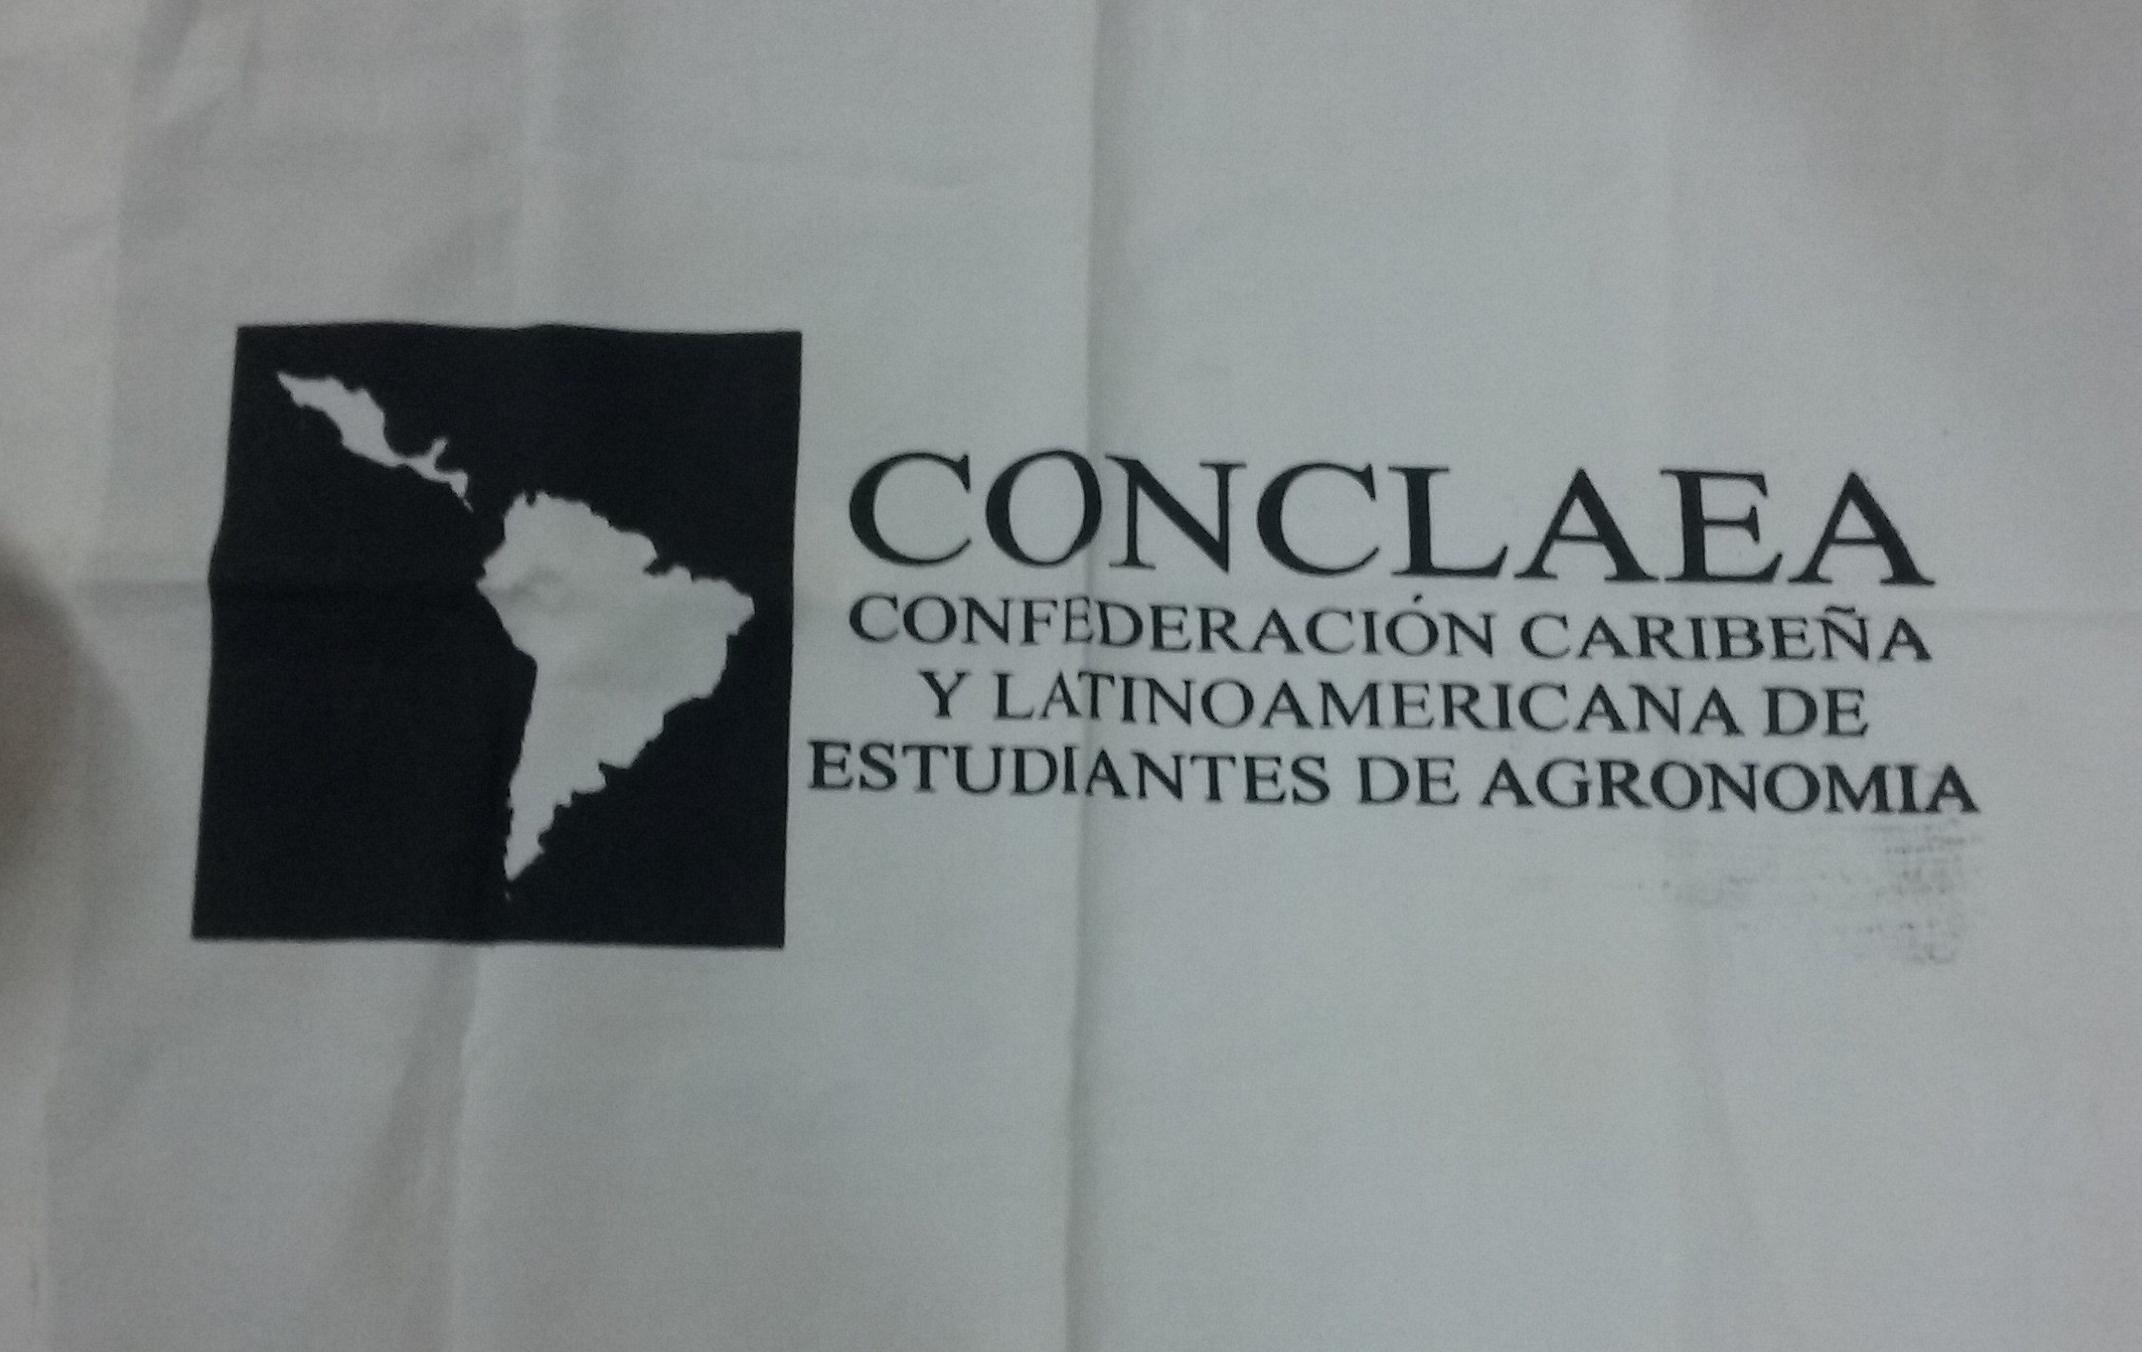 COMUNICADO DE APOYO Y RESPALDO A LA LUCHA DEL PUEBLO DE PUERTO RICO. – CONCLAEA